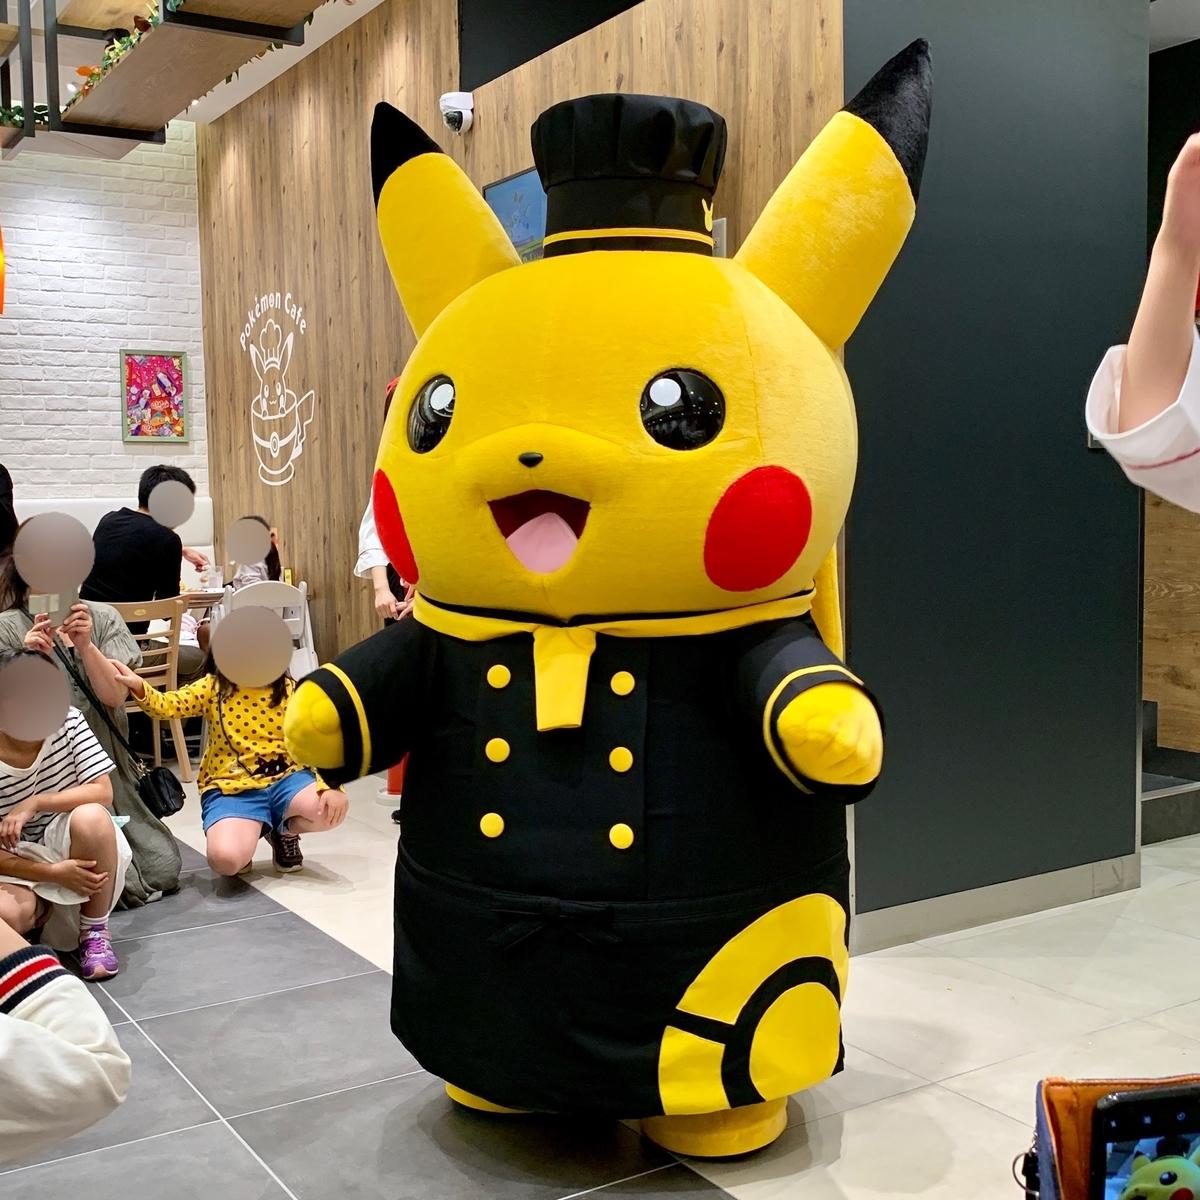 f:id:pikachu_pcn:20190923074026j:plain